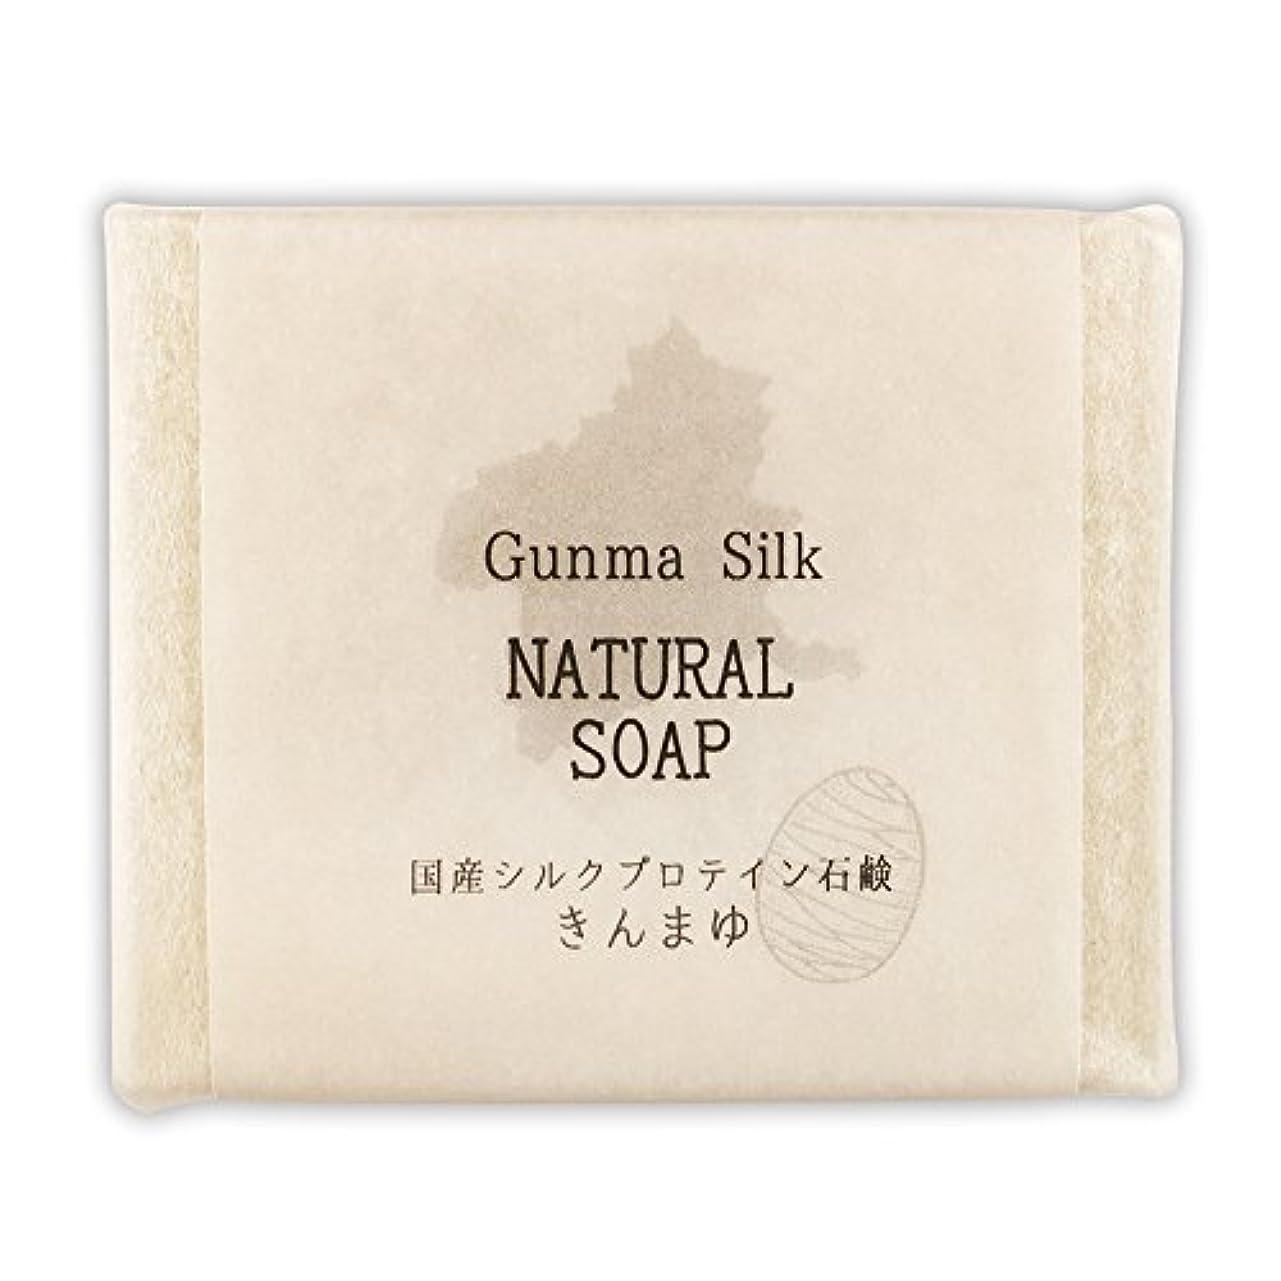 特異性空白どう?BN 国産シルクプロテイン石鹸 きんまゆ SKS-04 (1個)